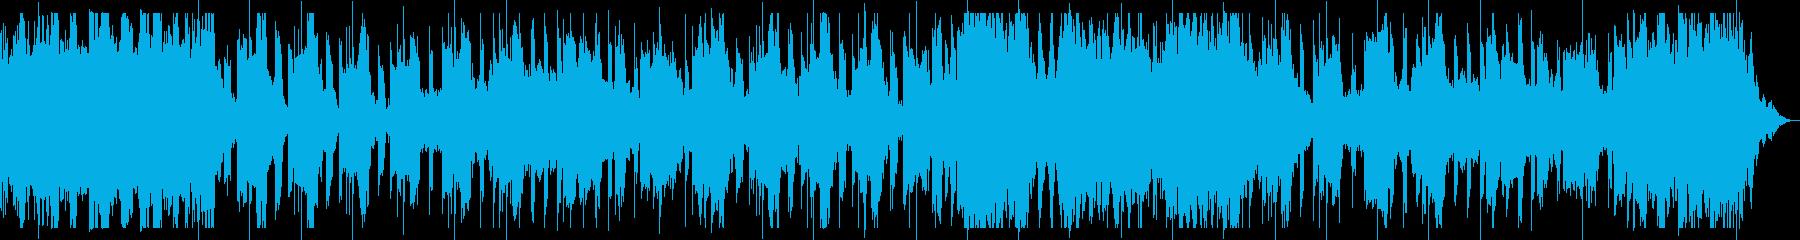 ダークでミステリアスなベース主体のBGMの再生済みの波形